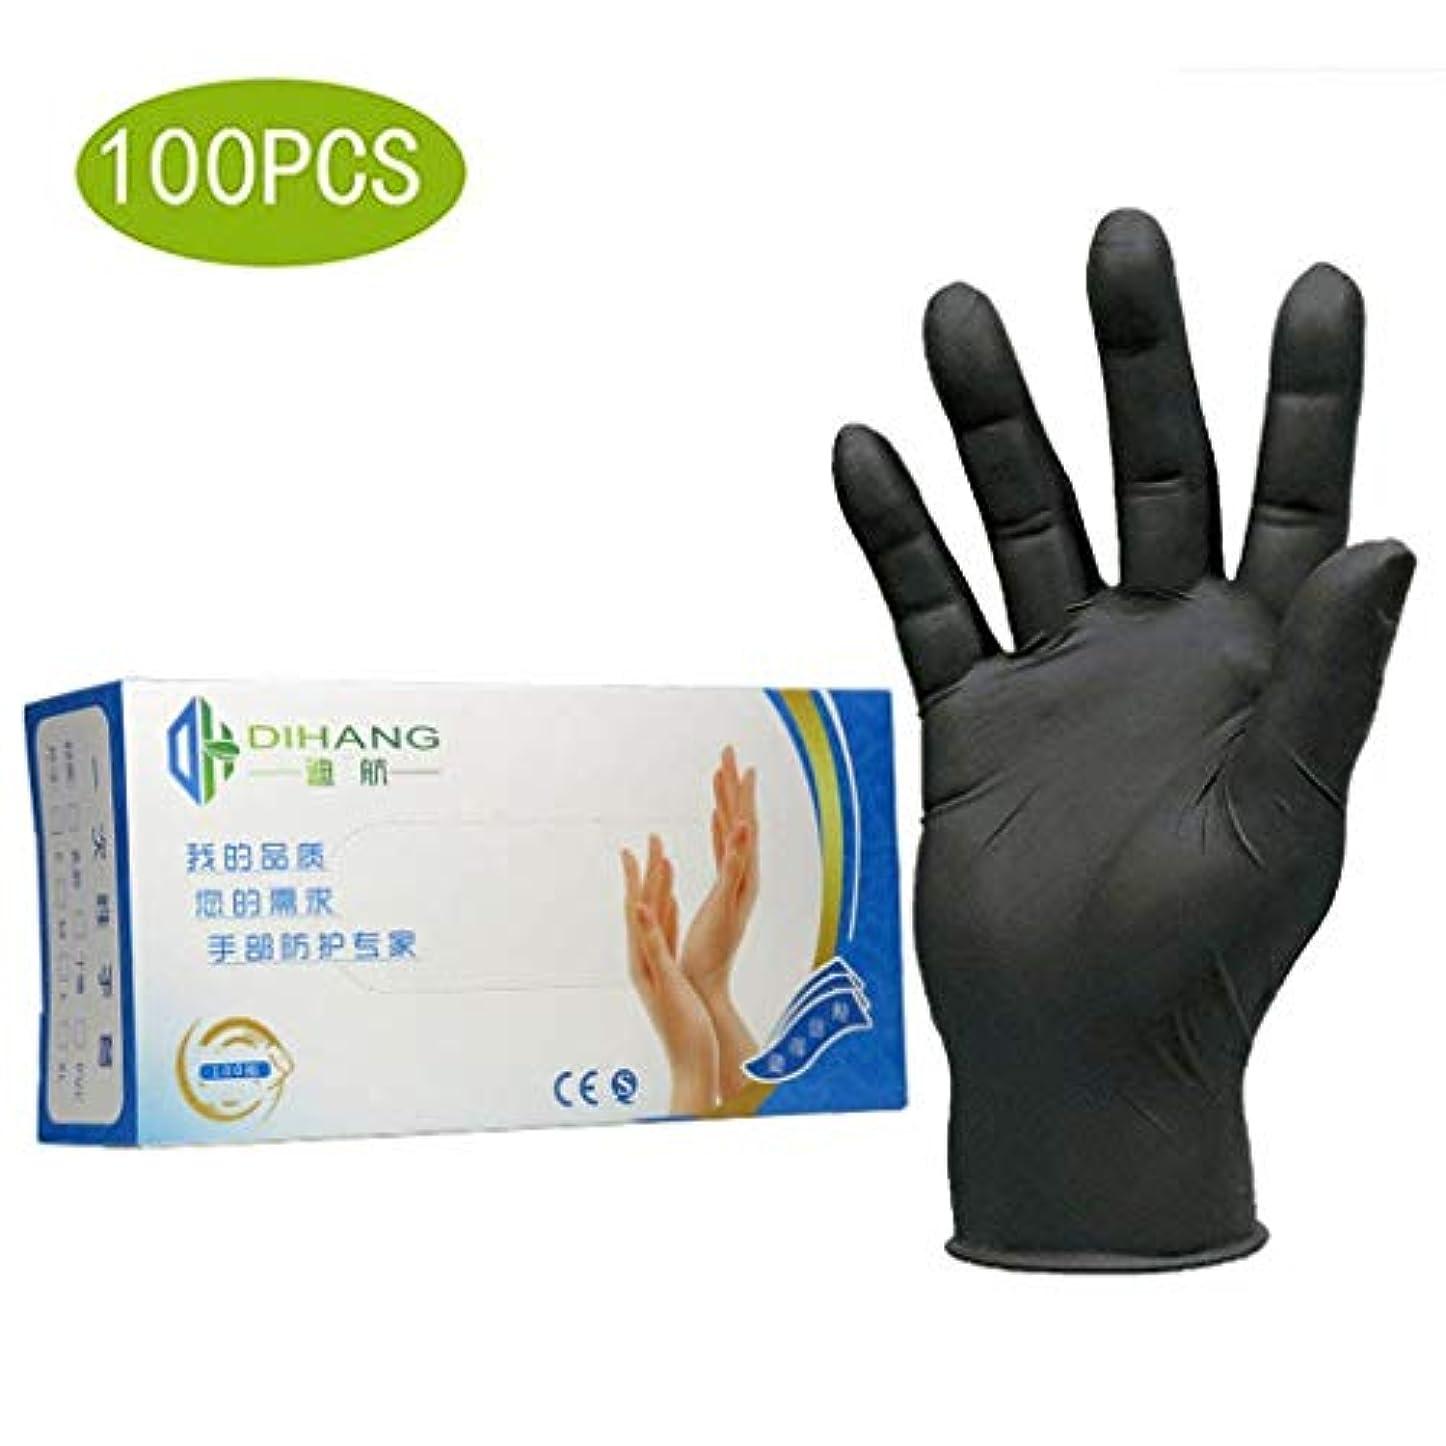 地上でタイトル在庫100倍使い捨て手袋耐酸性および耐アルカリ性試験軽量安全フィットニトリル手袋中粉末フリーラテックスフリータトゥー理髪産業加工労働保険 (Size : M)